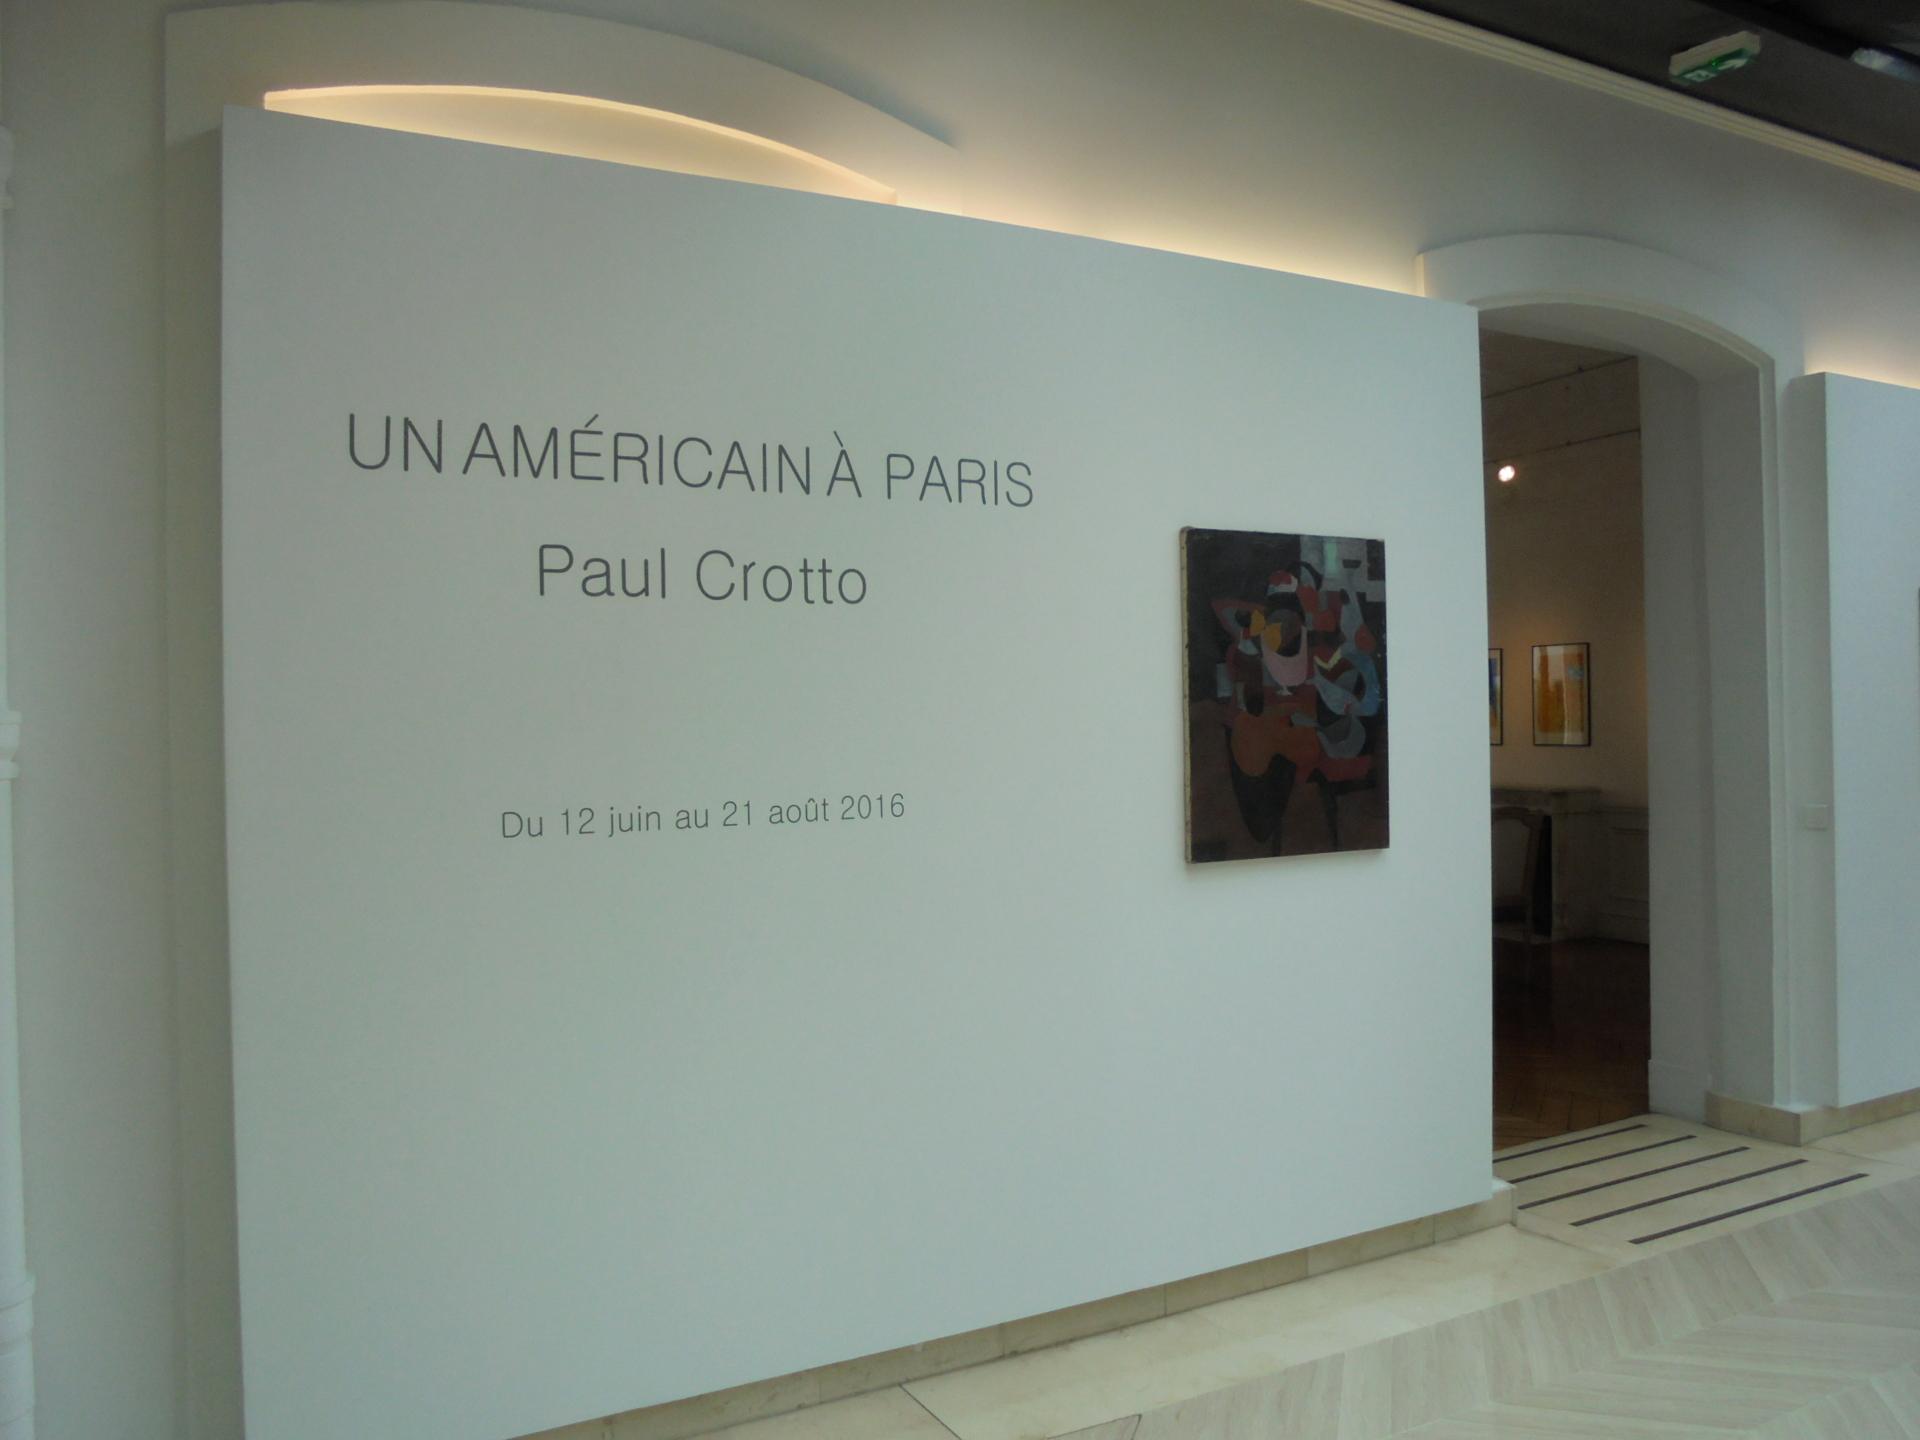 Vues de l'exposition, Un américain à Paris